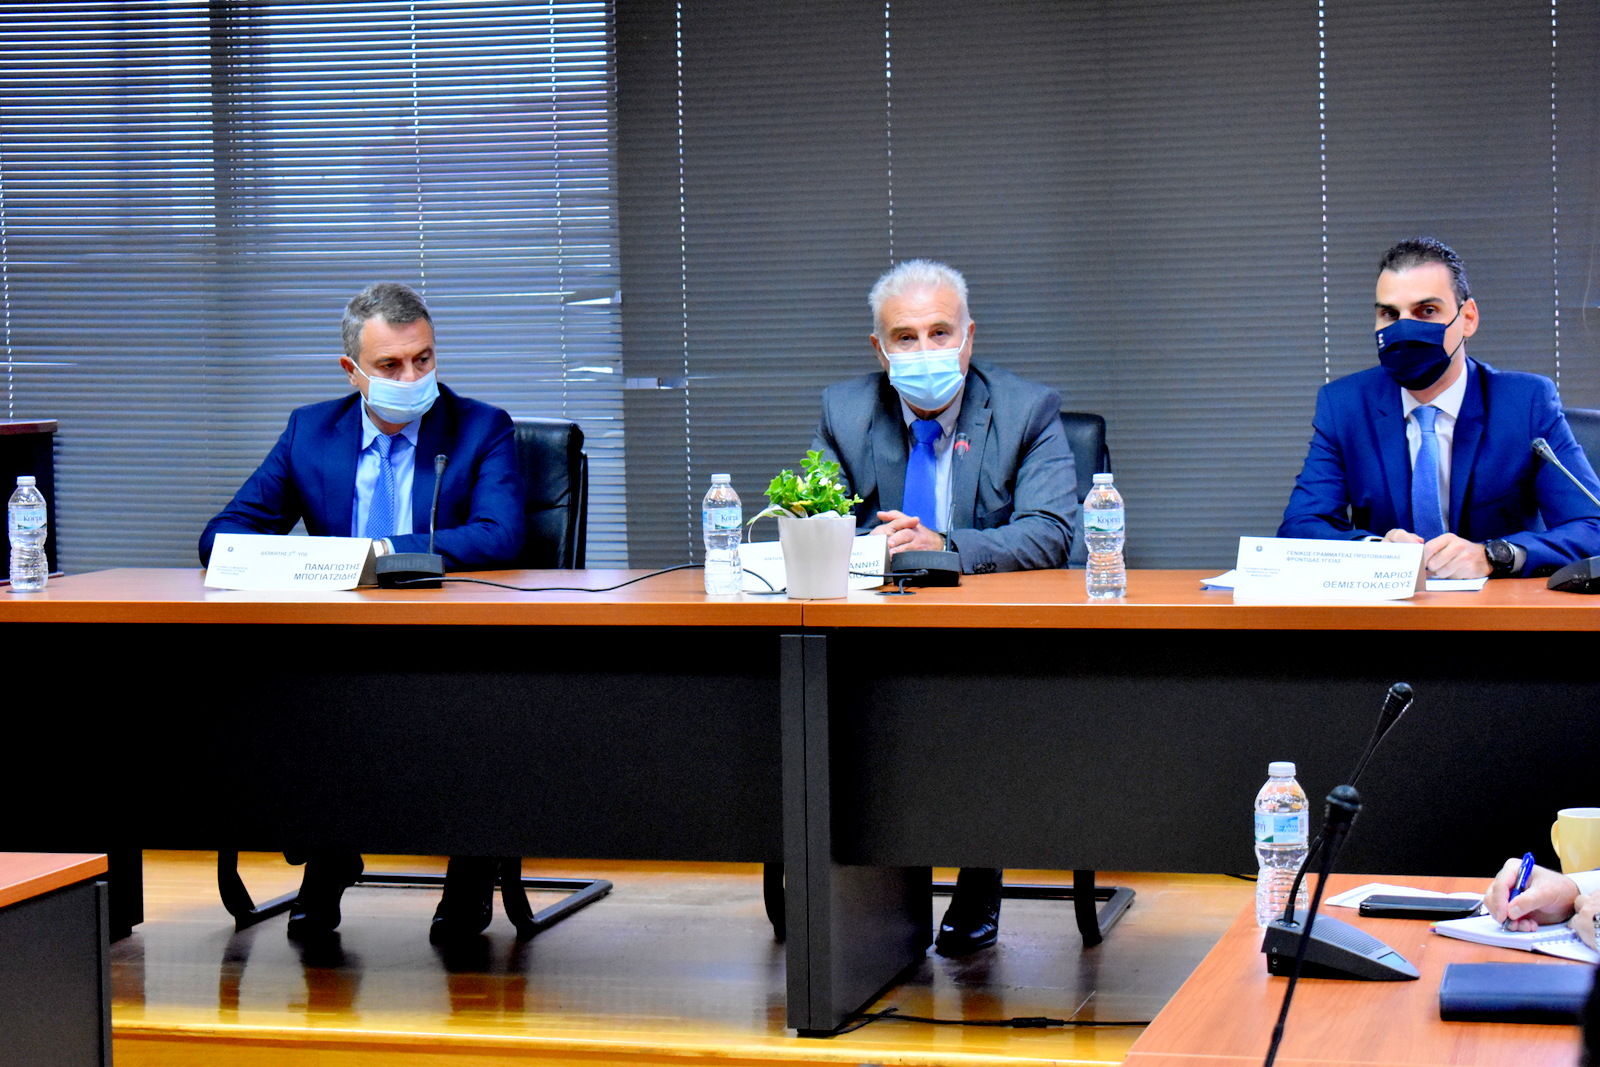 Στην Π.Ε. Φλώρινας ο Γενικός Γραμματέας Πρωτοβάθμιας Φροντίδας Υγείας και ο Διοικητής της 3ης Υγειονομικής Περιφέρειας Μακεδονίας